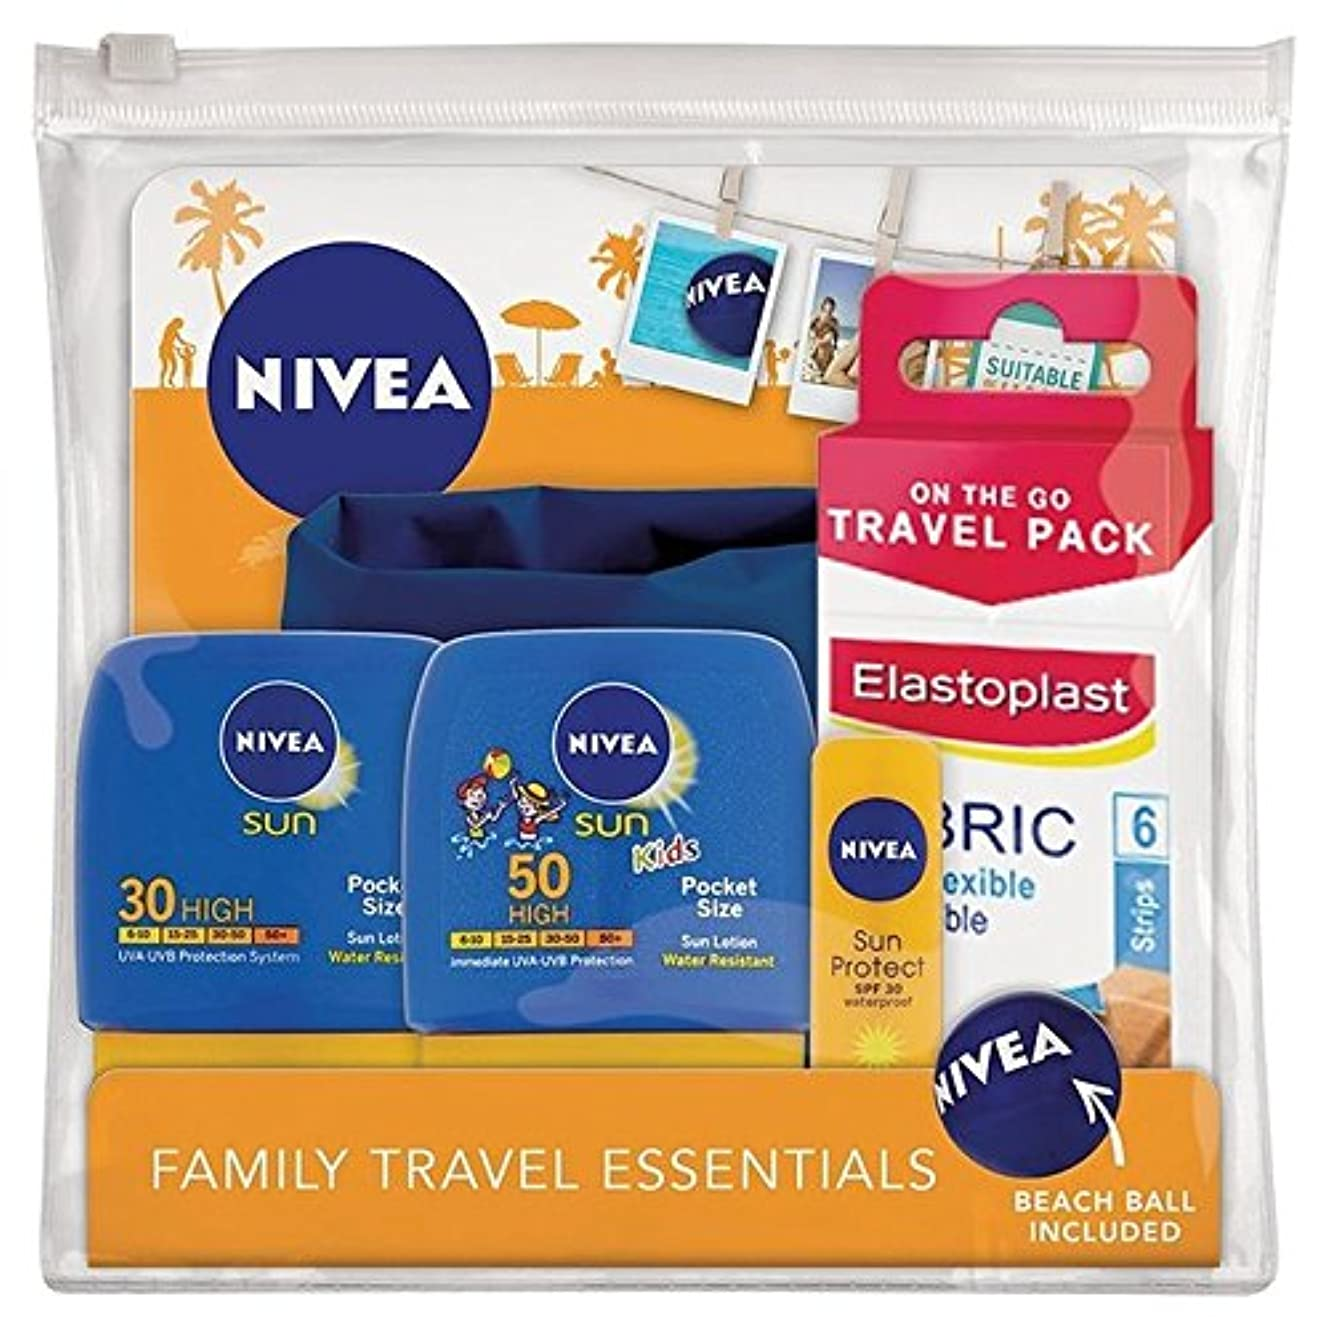 やがて雪だるまを作る熟すニベア日旅行パック x4 - Nivea Sun Travel Pack (Pack of 4) [並行輸入品]